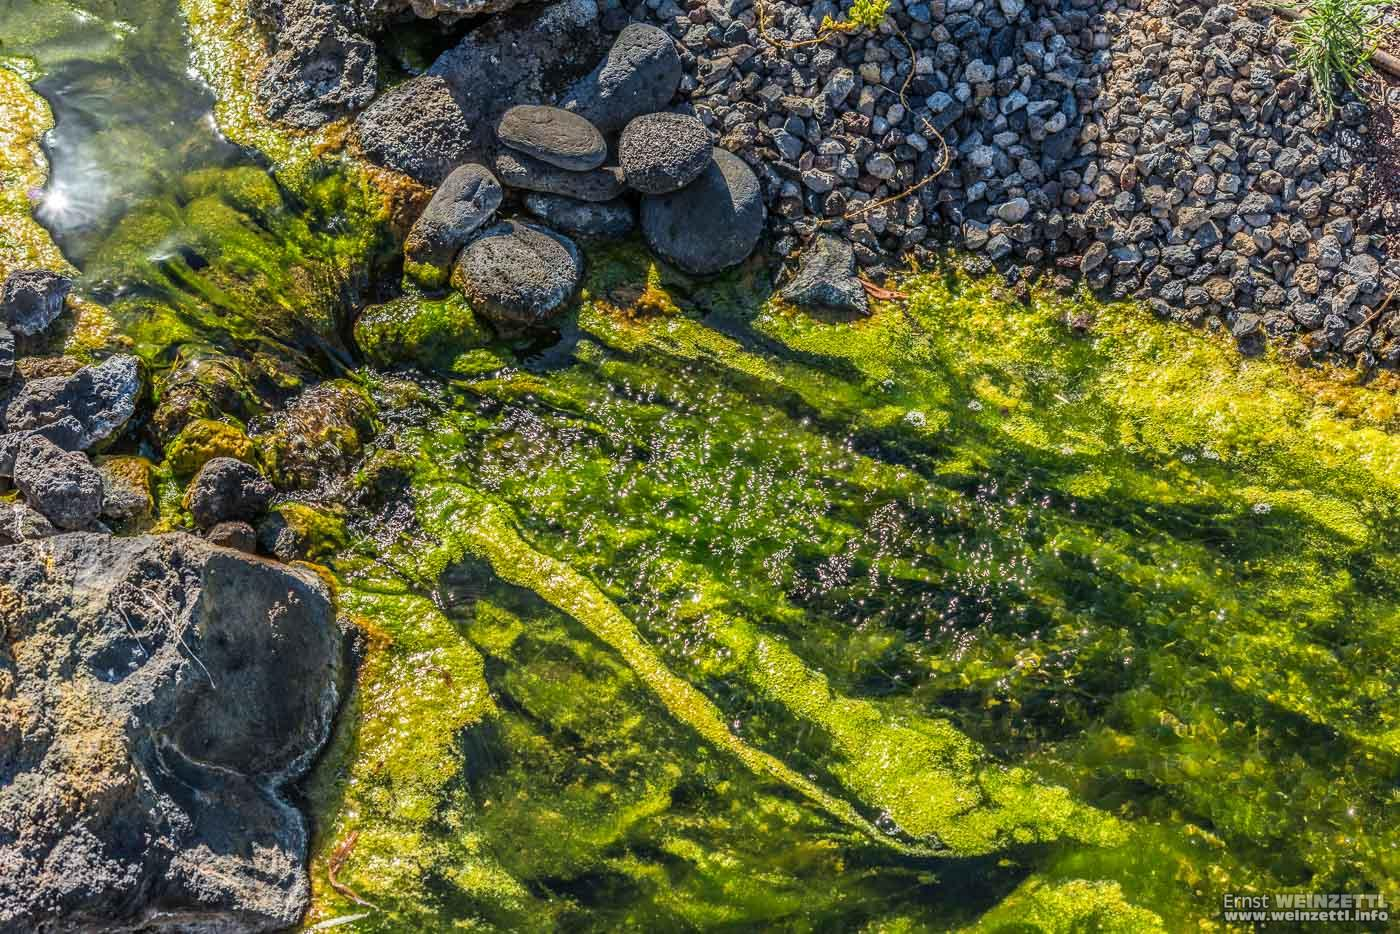 Ein künstlicher Wasserlauf gluckert durch die nachgebildete Schlucht. Mit Europäischem Aal.